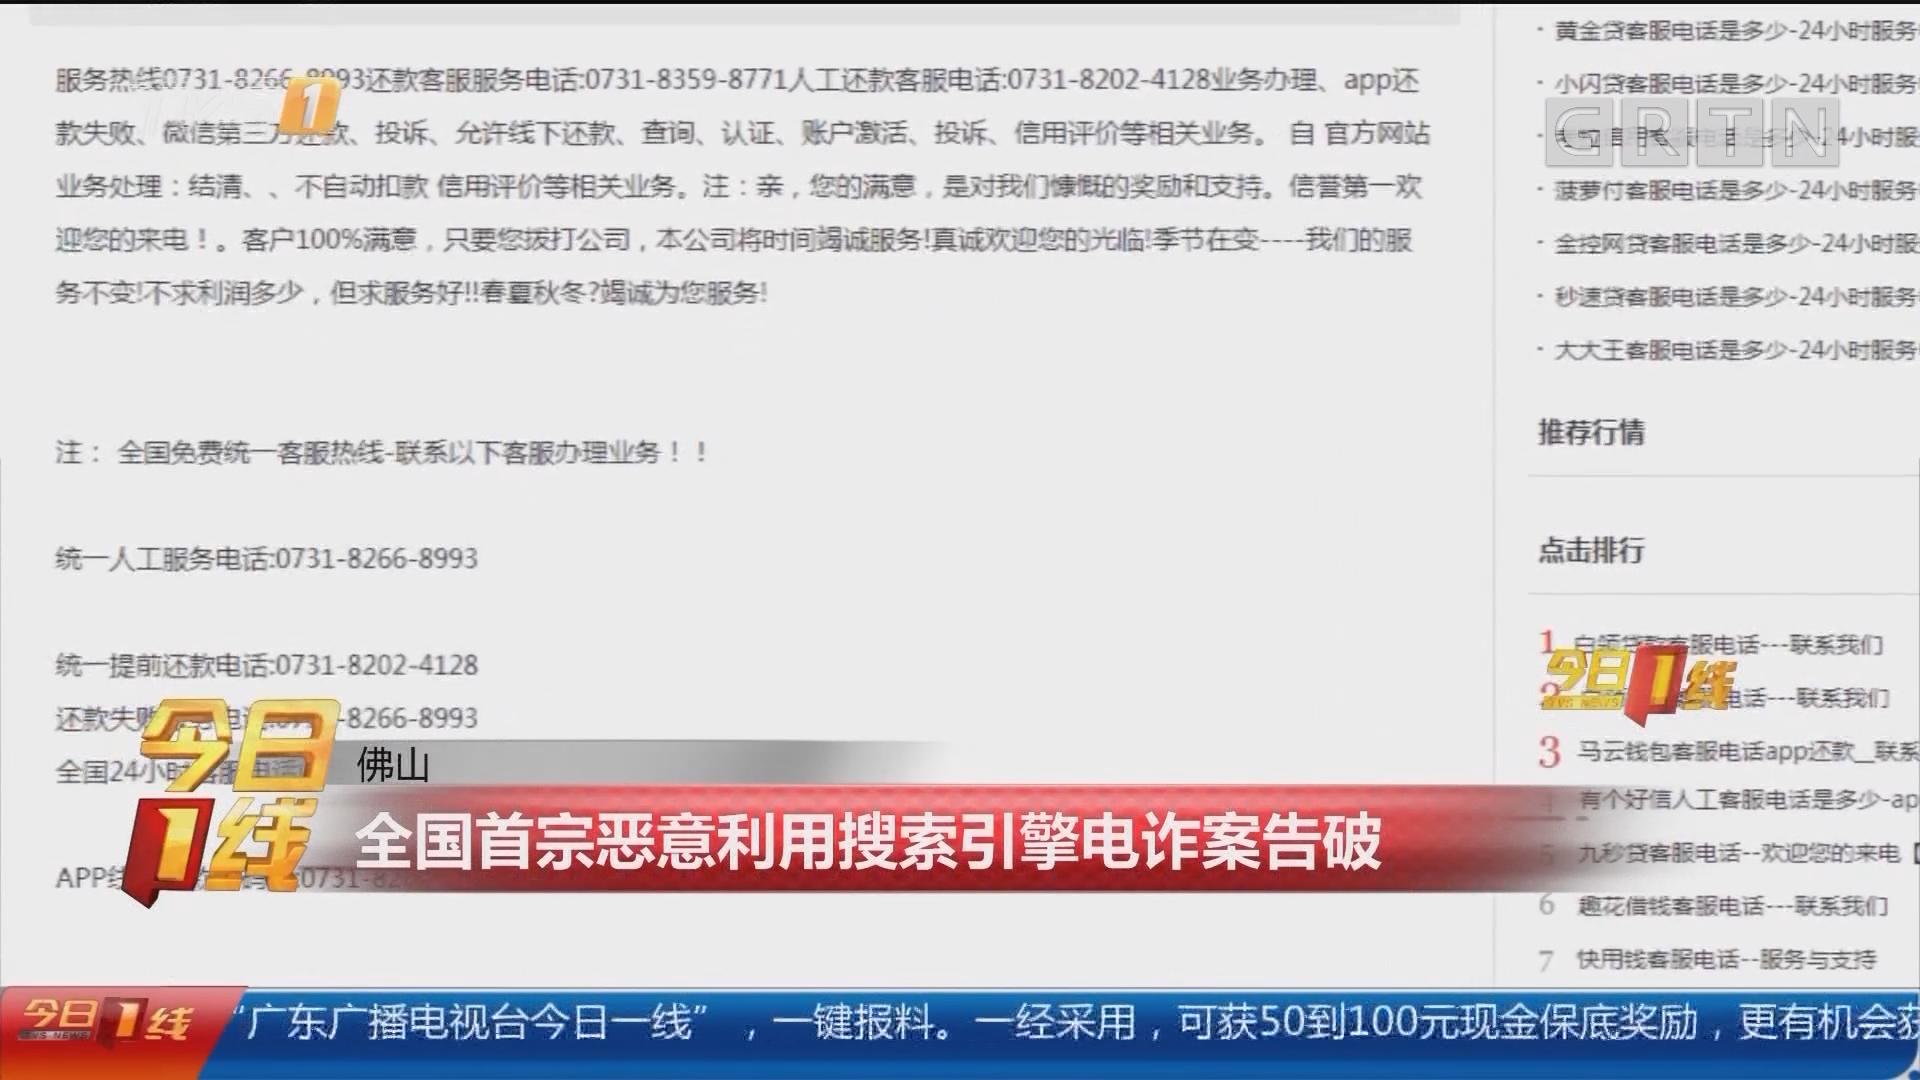 佛山:全国首宗恶意利用搜索引擎电诈案告破